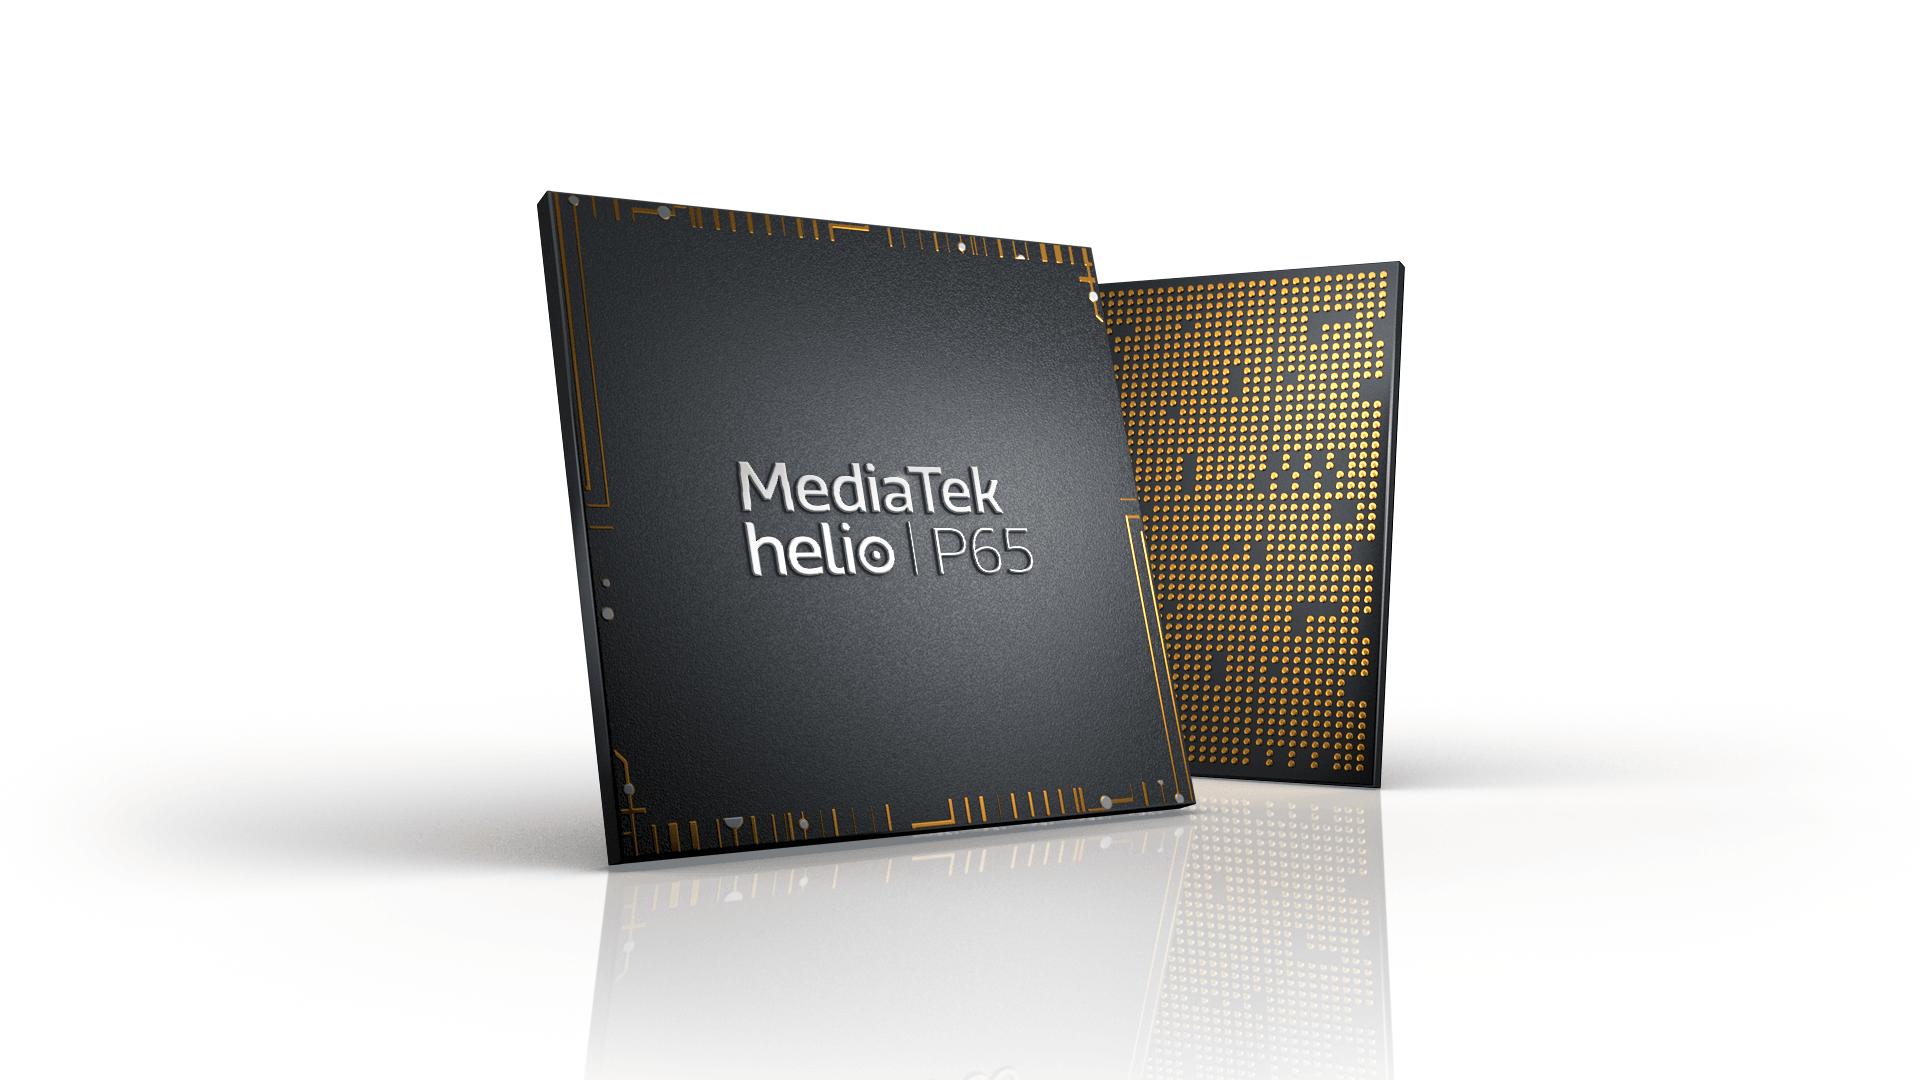 MediaTek prezentuje nowy procesor. Helio P65 ma pomóc tanim smartfonom gamingowm